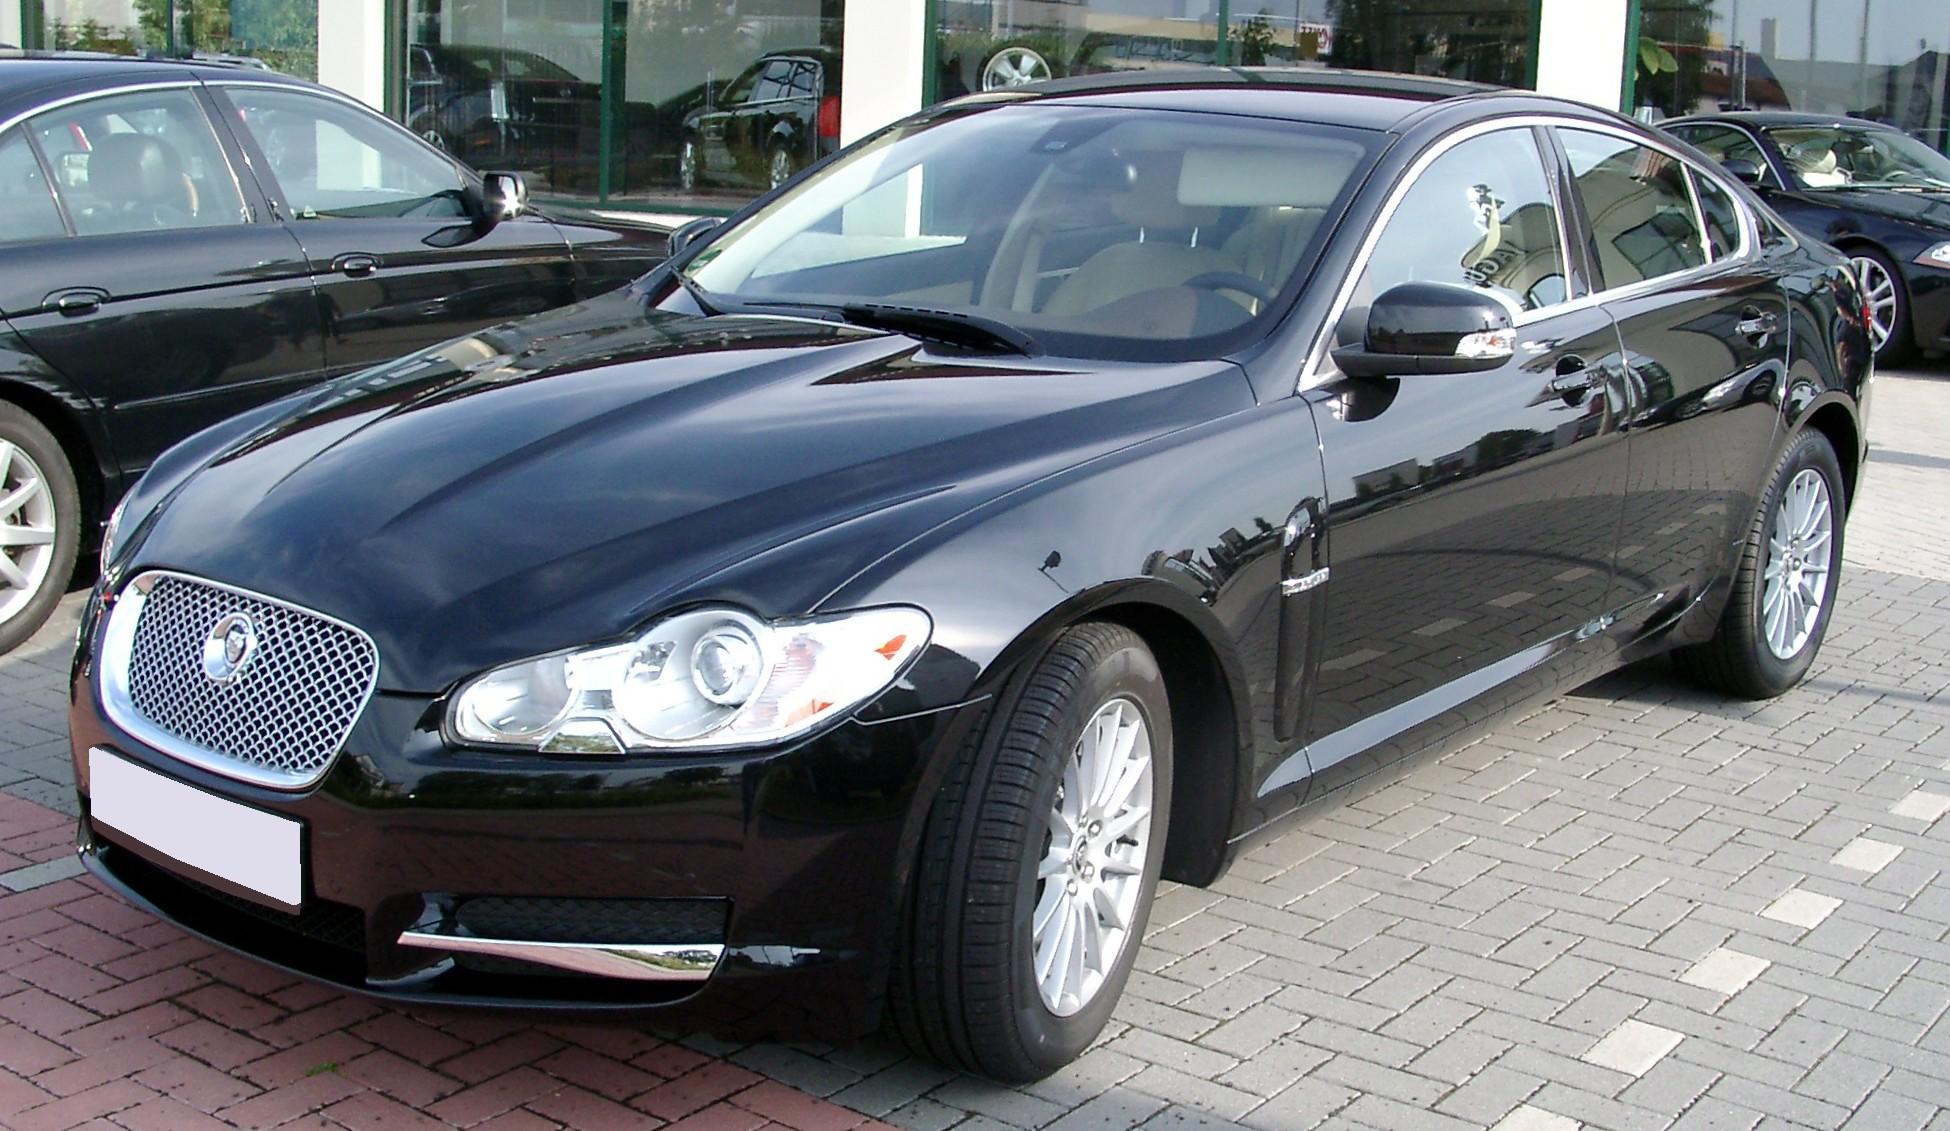 Jaguar XF Front Side Wallpaper Download